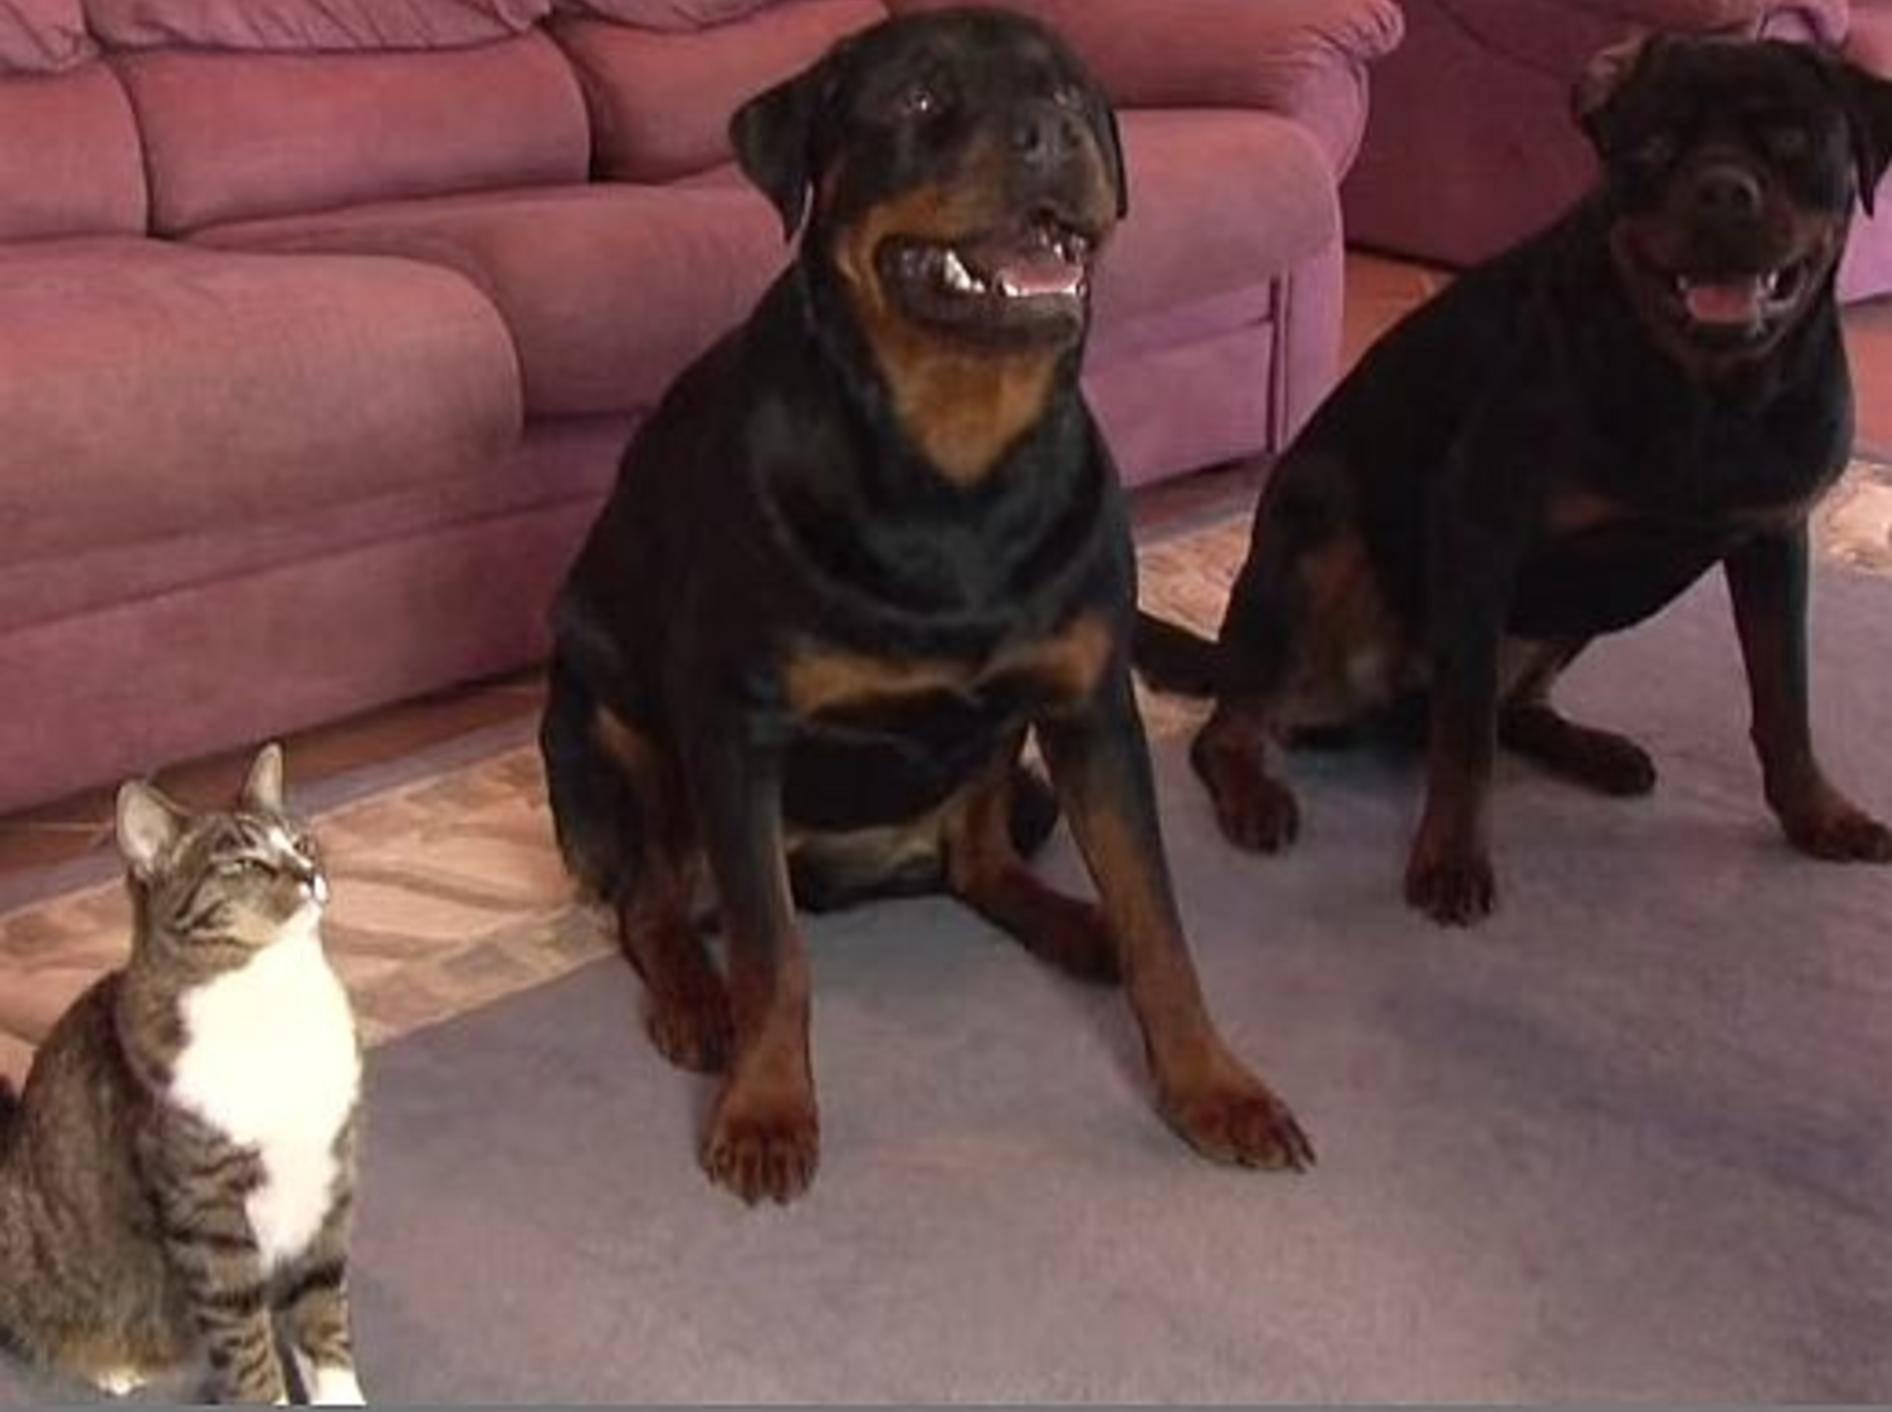 Süße Katze beweist: Nicht nur Hunde lernen Tricks! – Bild: Youtube / CATMANTOO